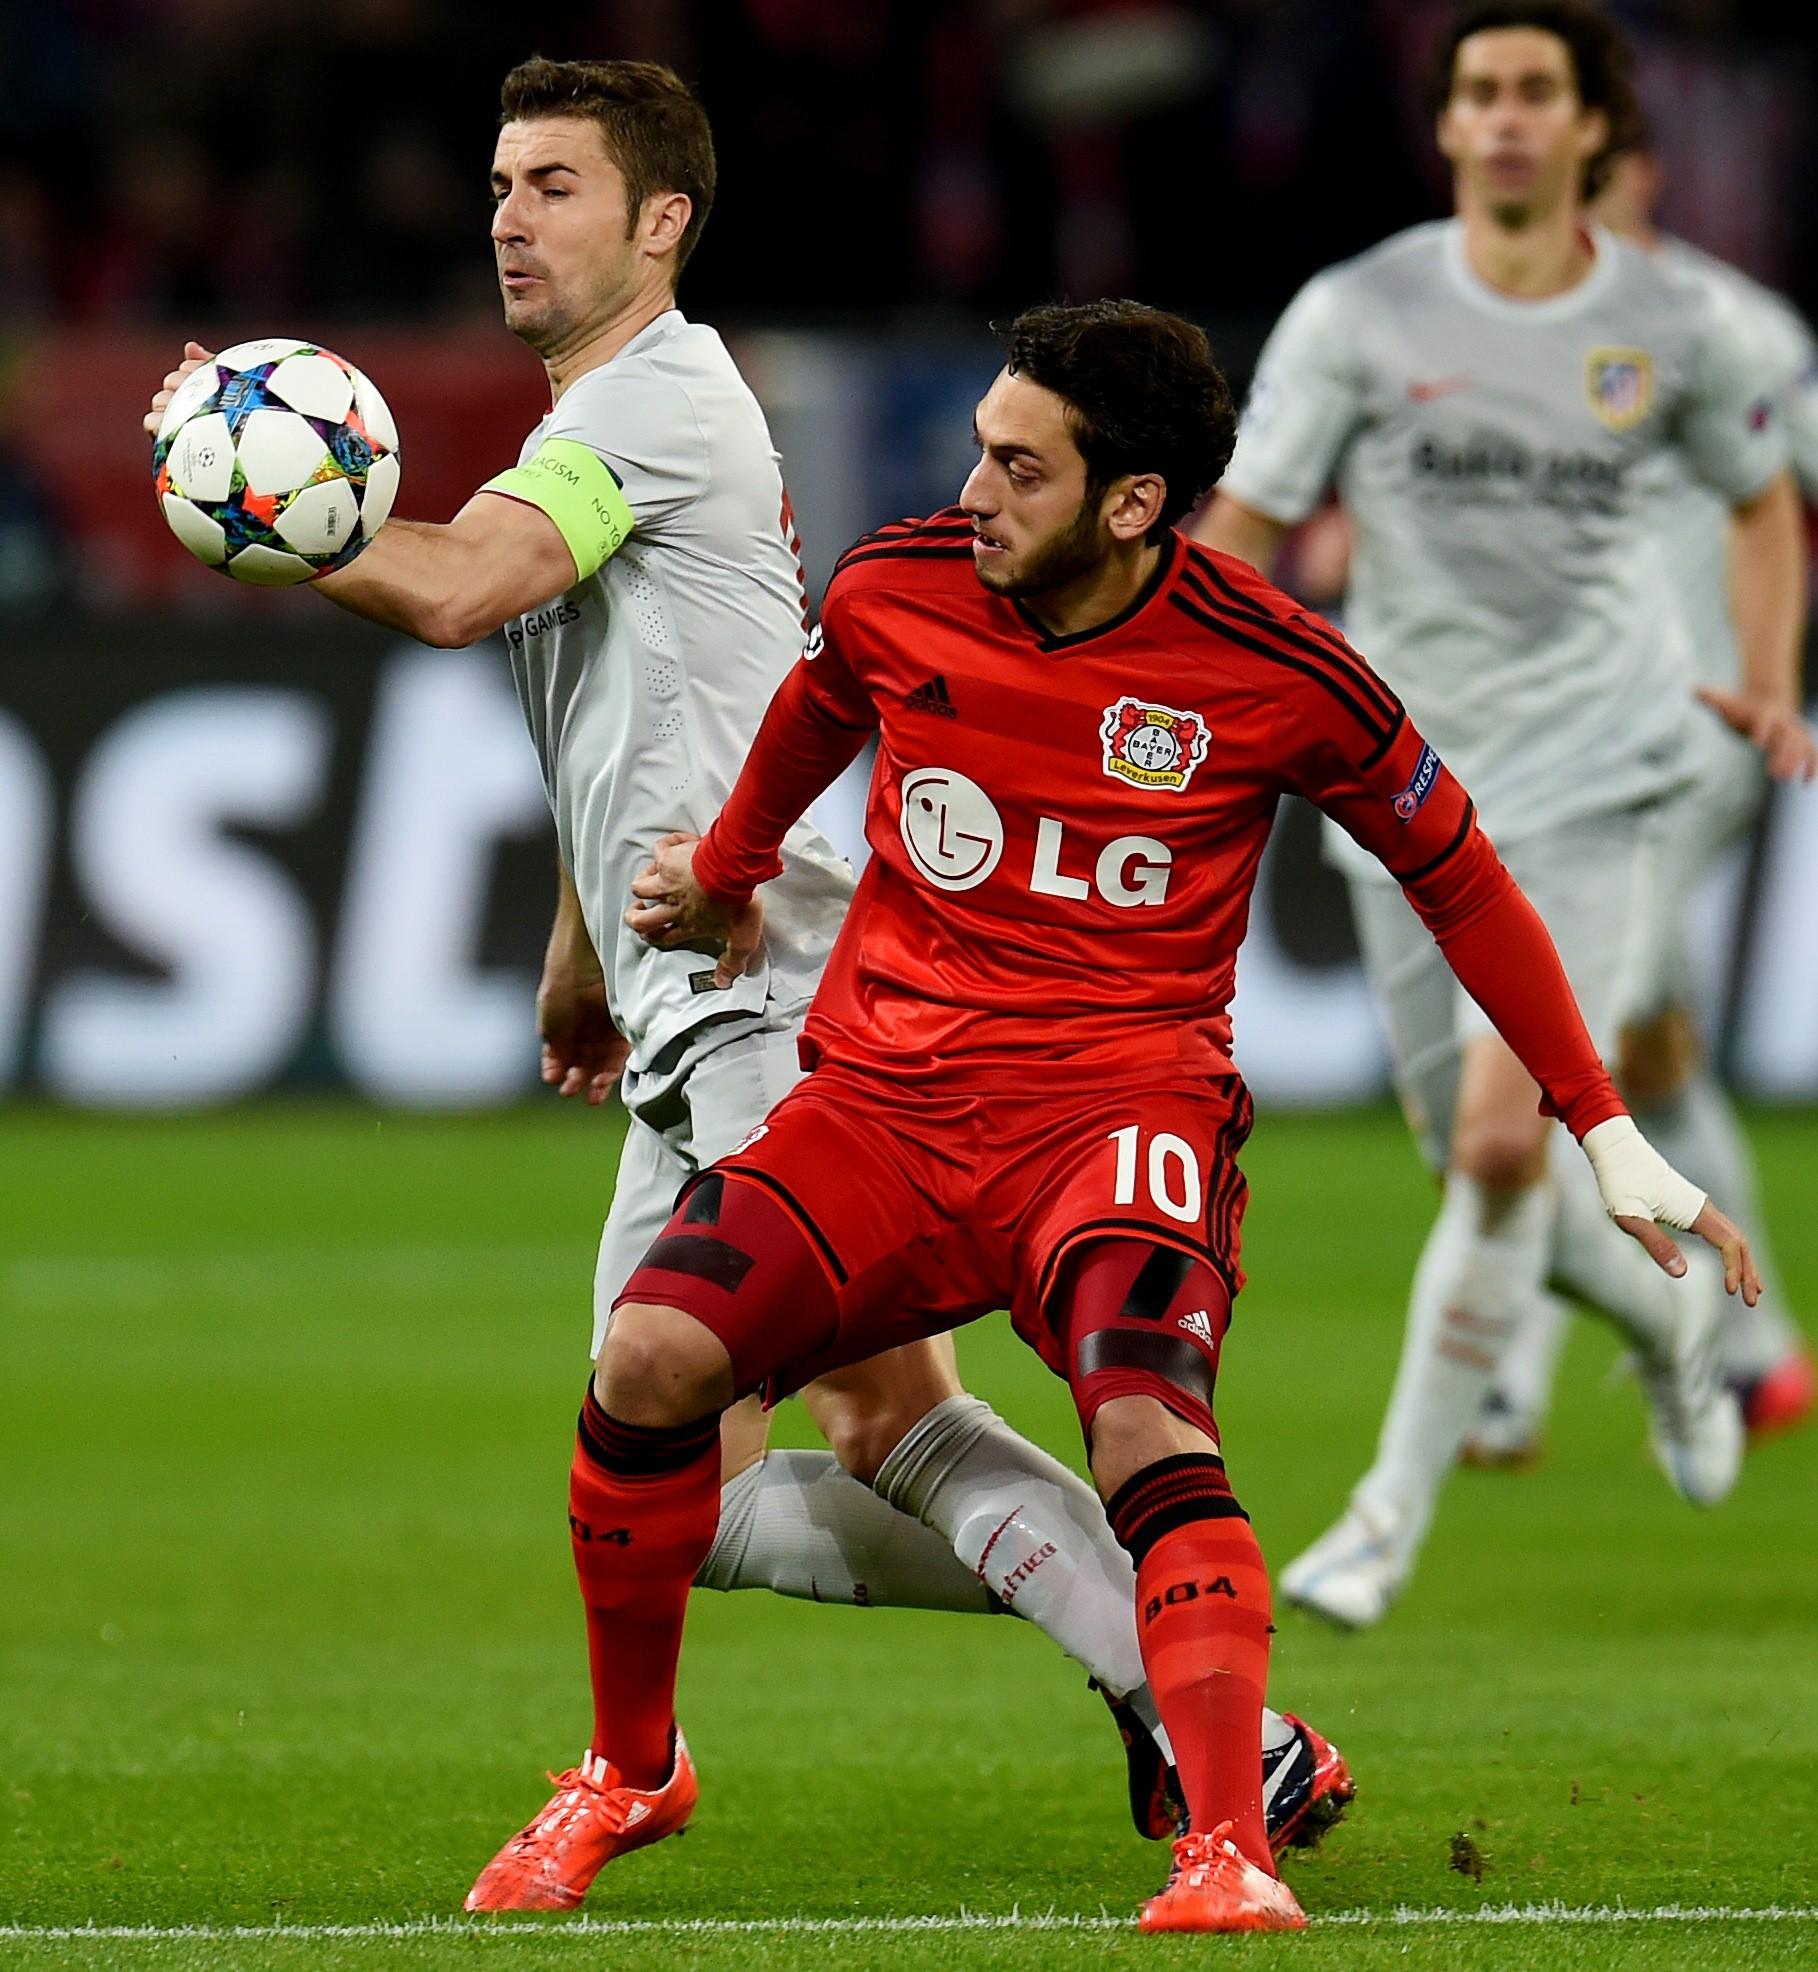 Hakan Çalhanoğlu, Bayer Leverkusen - Atletico Madrid